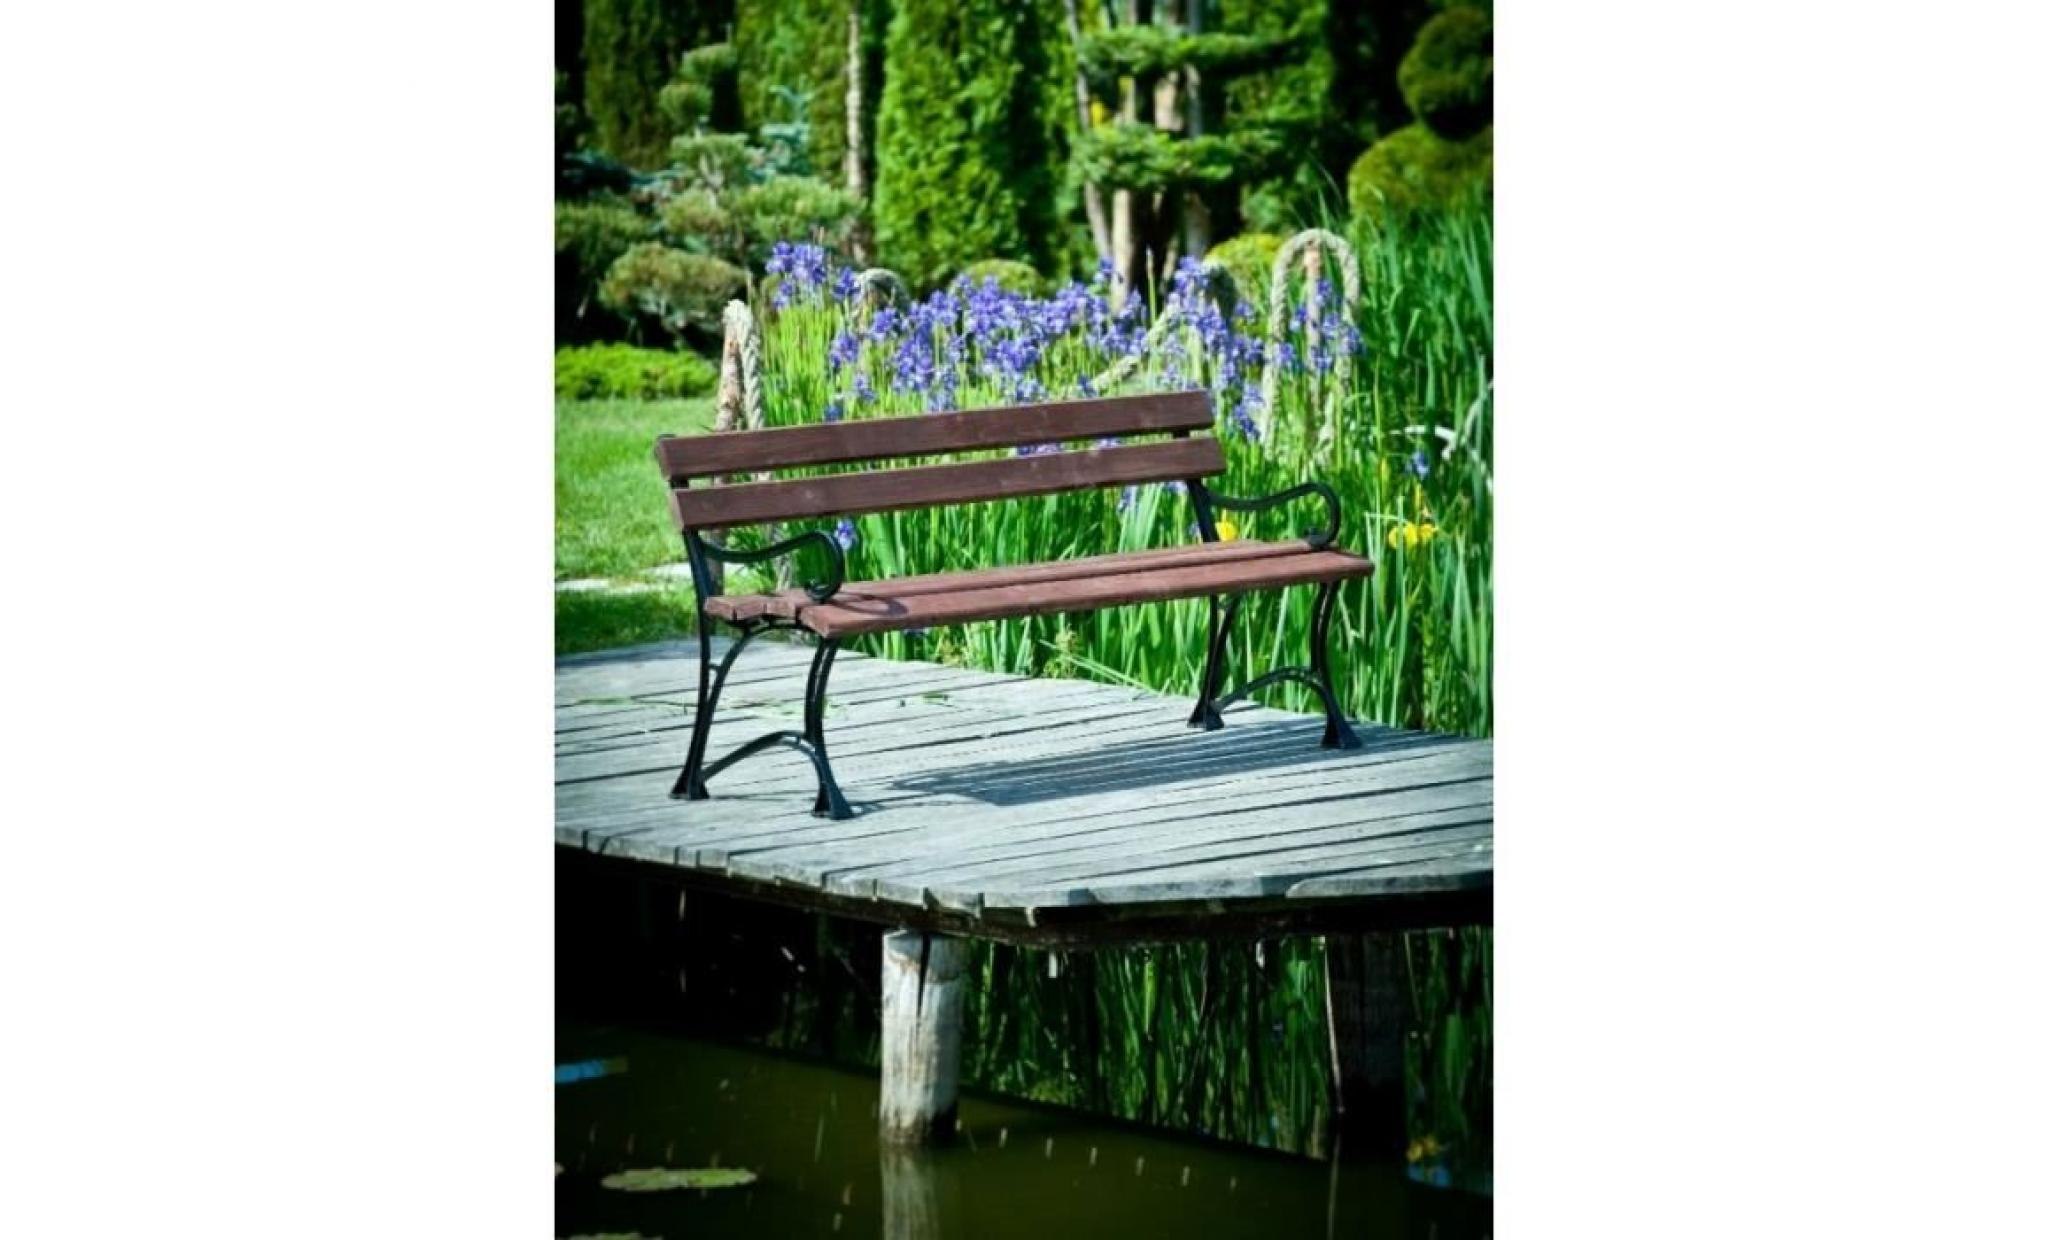 banc de jardin en bois couleur noyer et aluminium 180 cm achat vente banc de jardin en bois. Black Bedroom Furniture Sets. Home Design Ideas